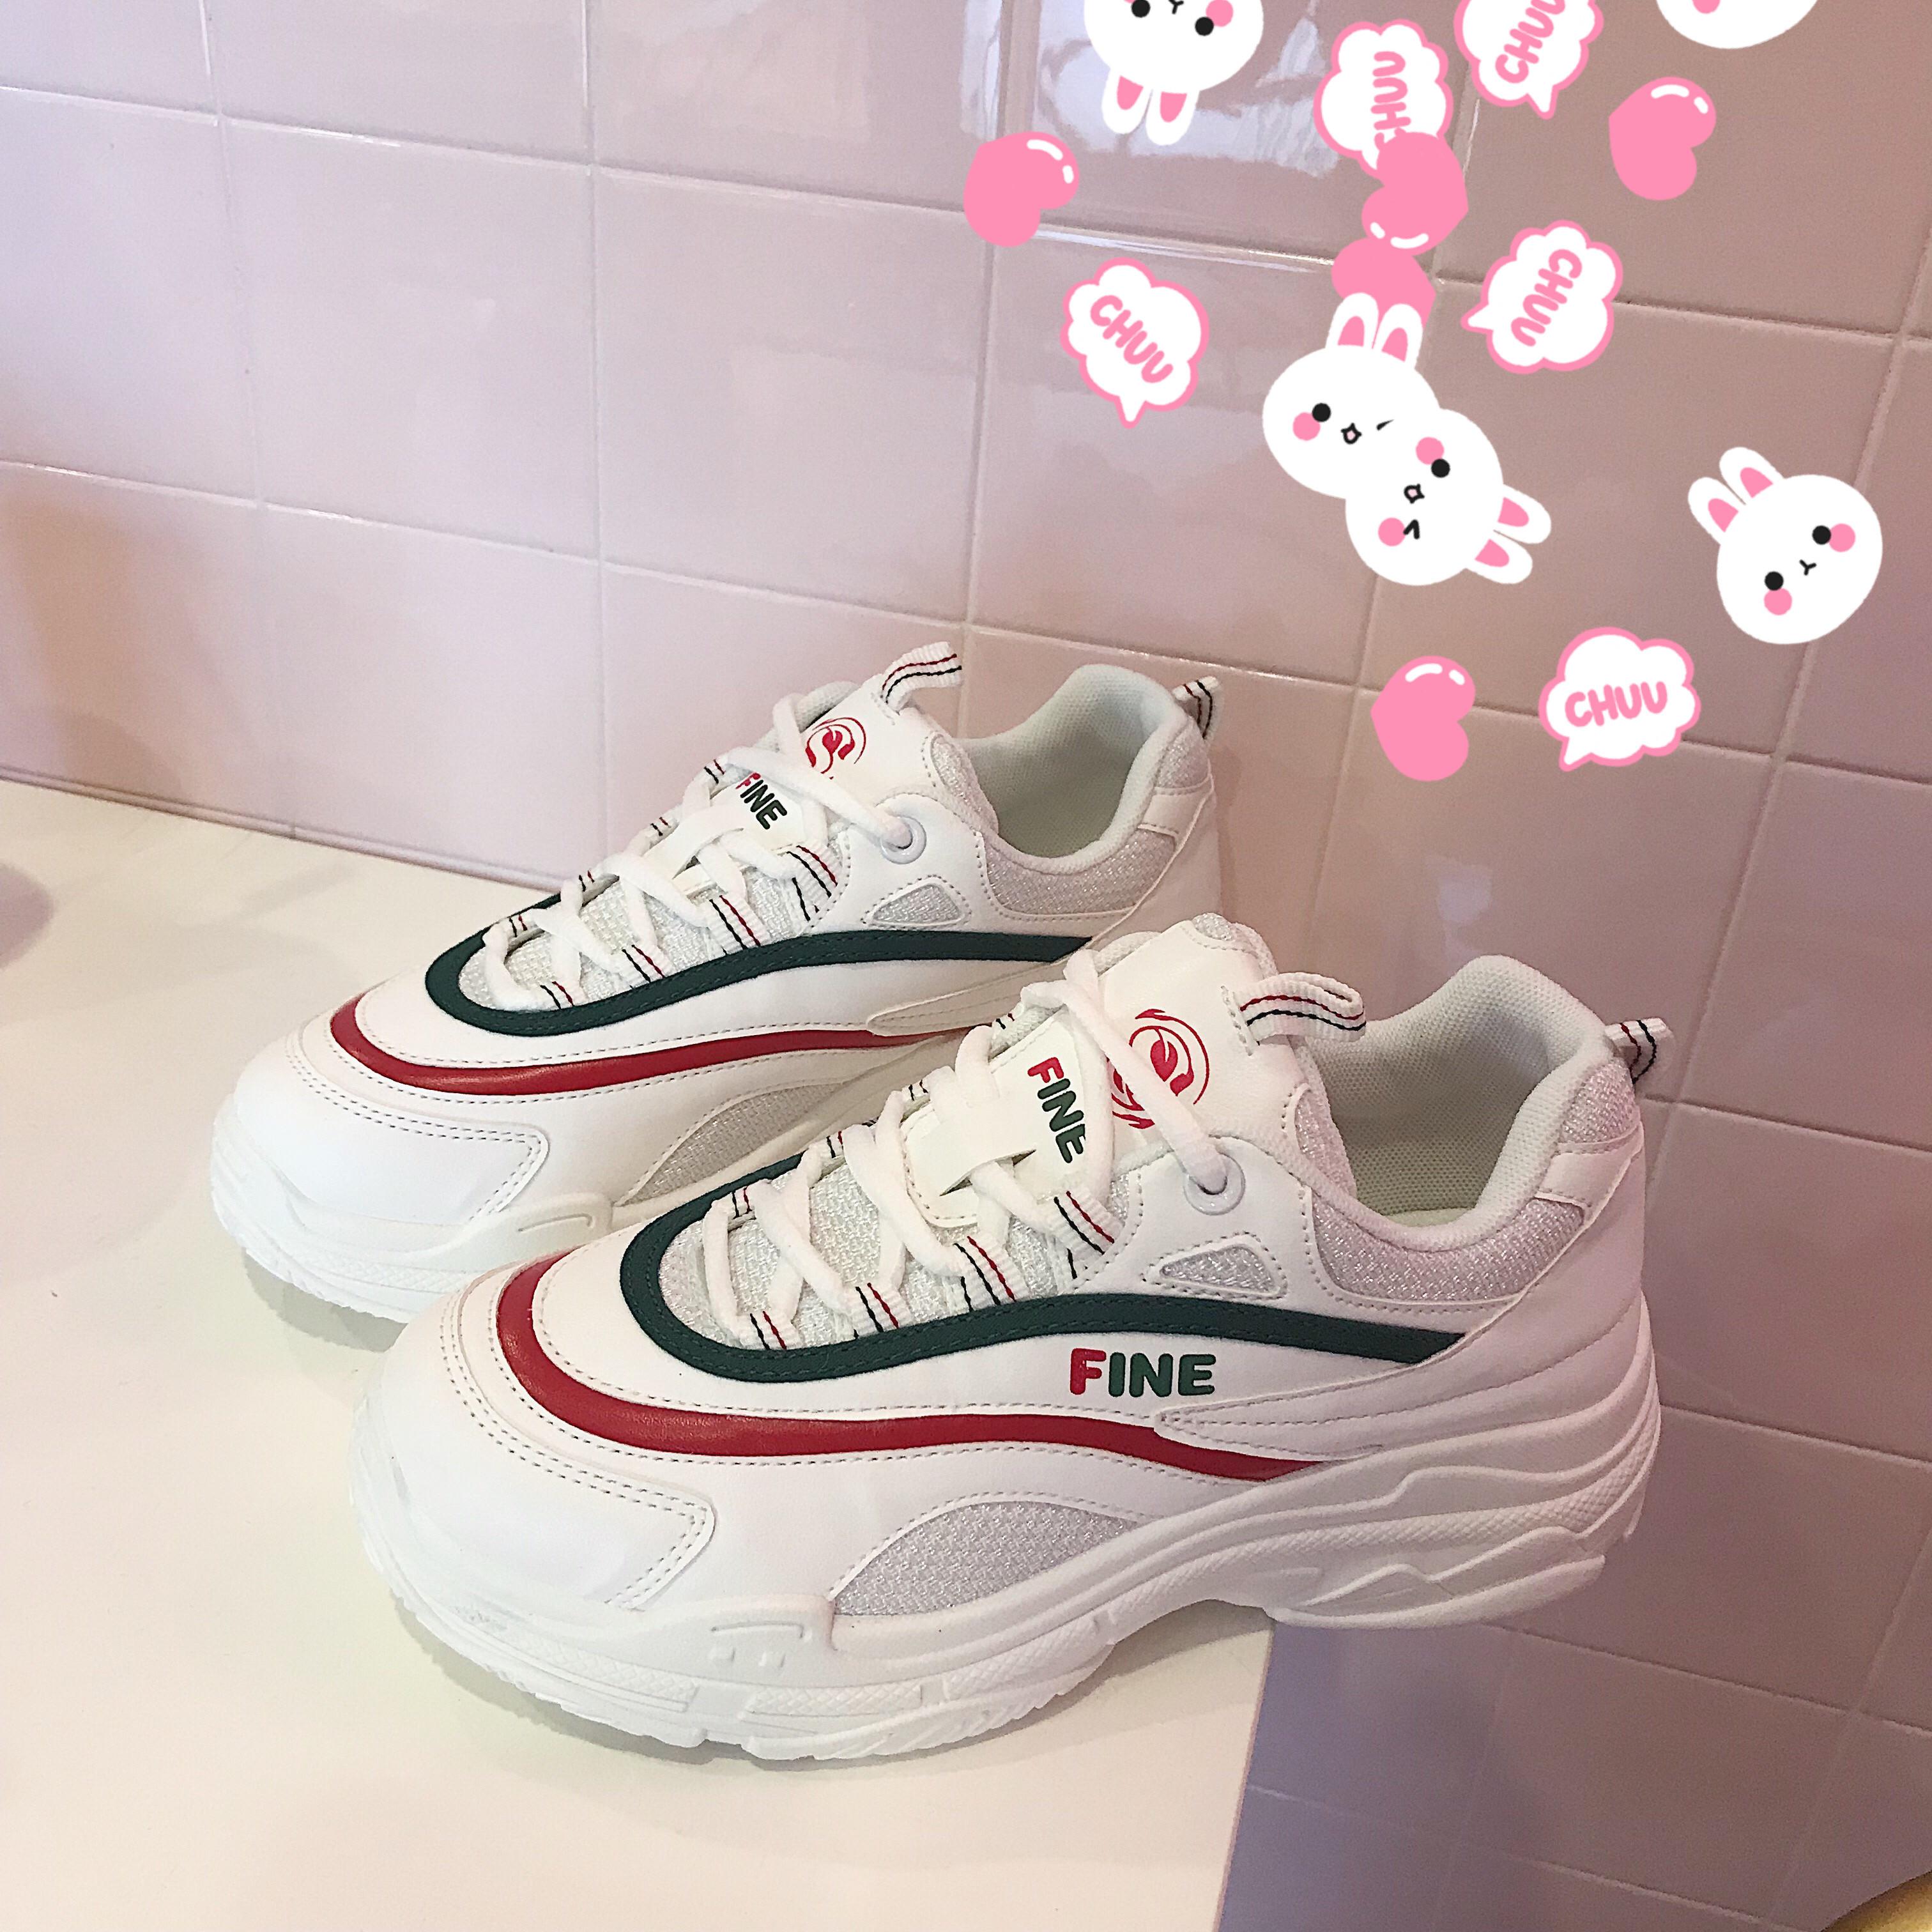 超火的鞋子2018新款透气小白鞋韩版百搭运动休闲鞋女夏原宿老爹鞋